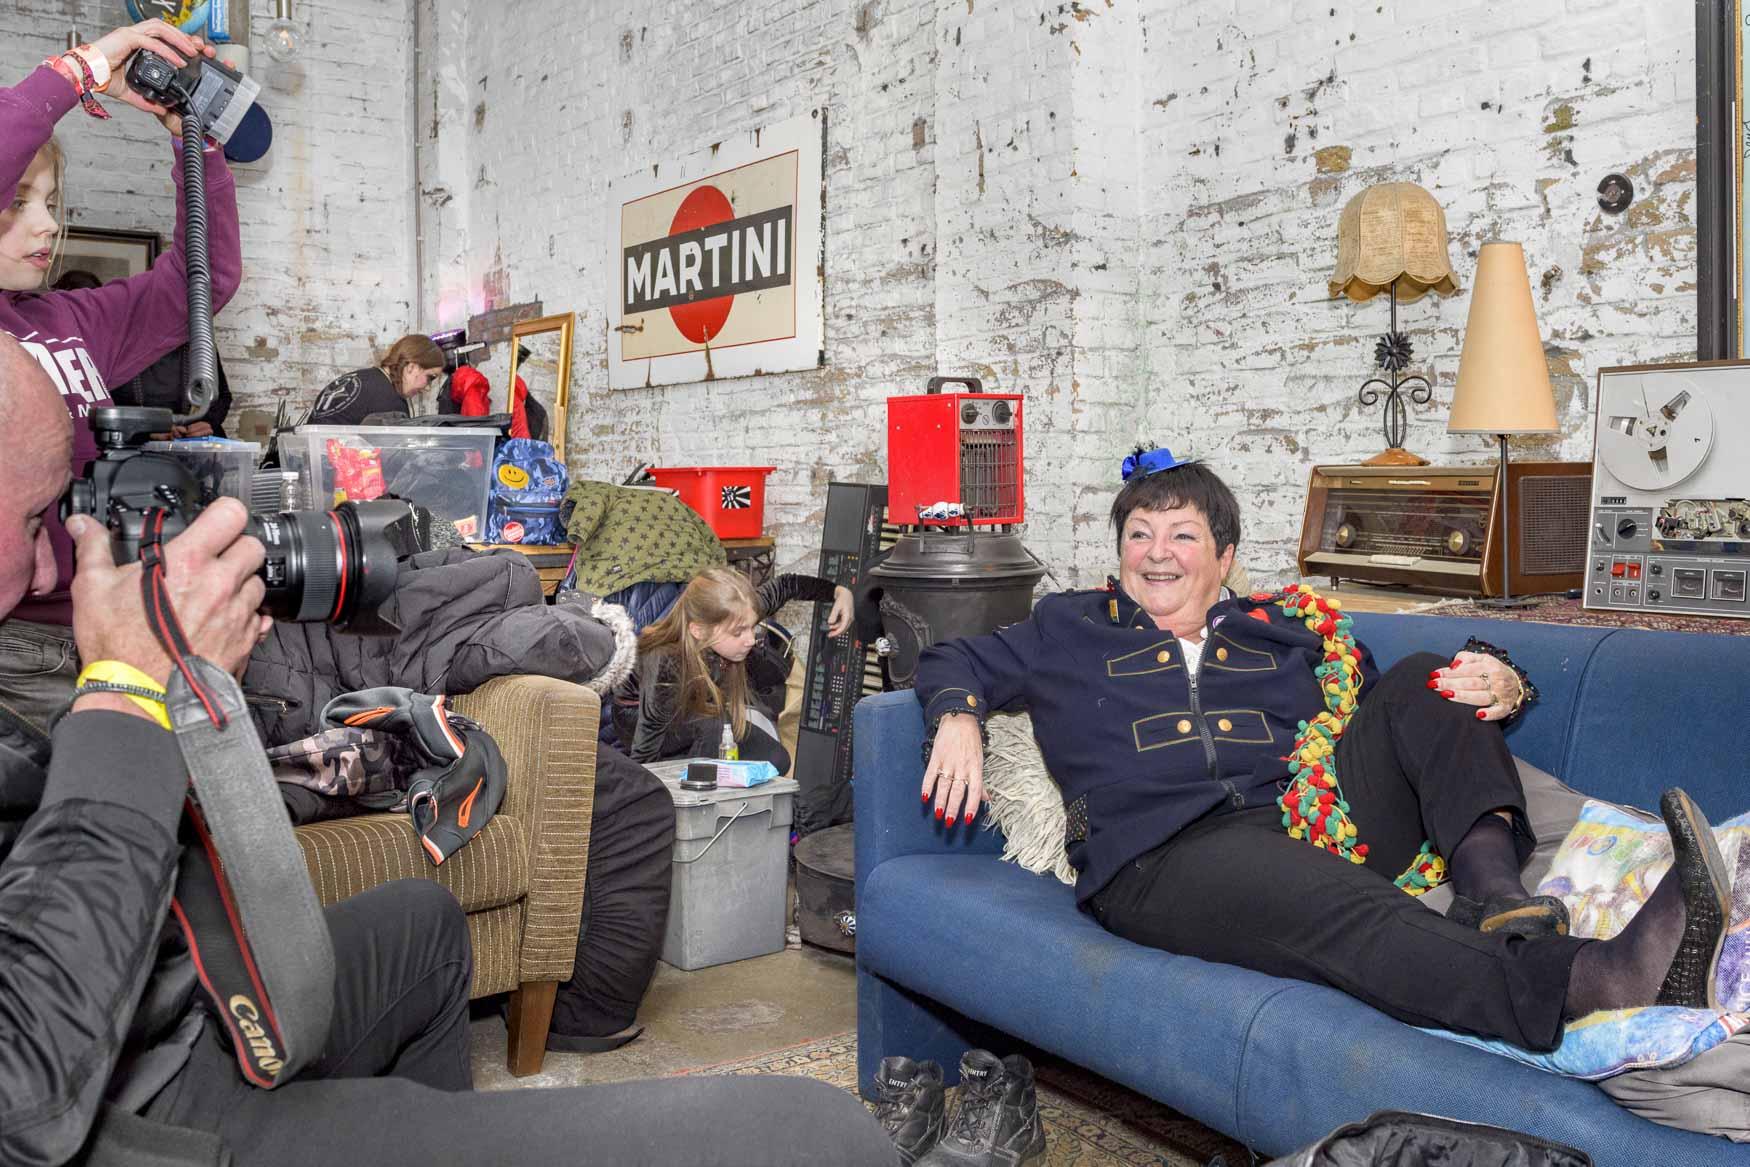 Beppie Kraft op de foto voor fotograaf Harry Heuts in de muziekgieterij in Maastricht | sas schilten fotografie